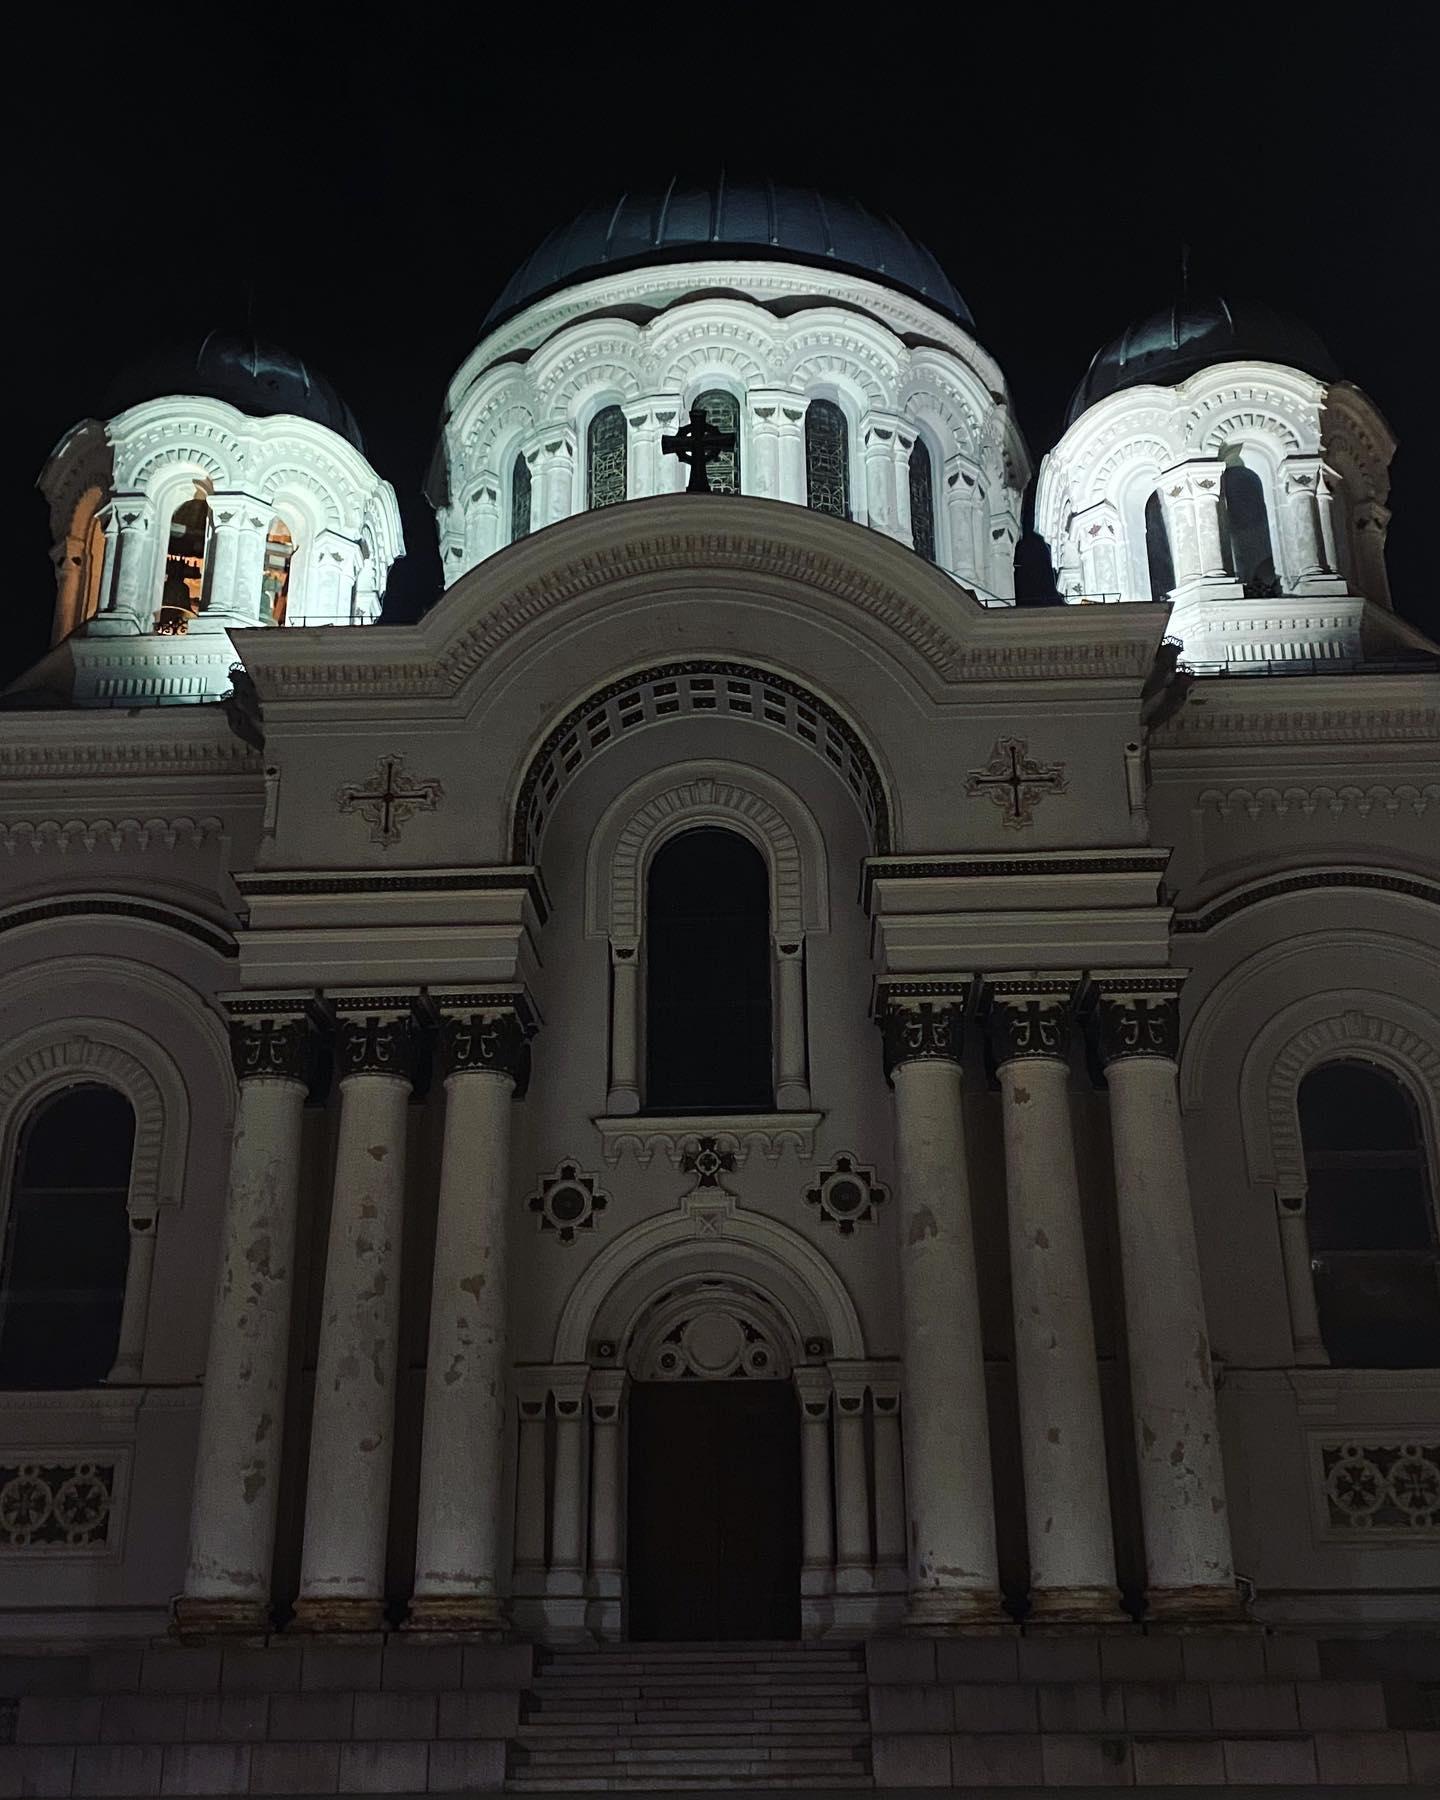 Kaunas bei Nacht #kaunastic #kaunas #erlebees @studierenweltweit